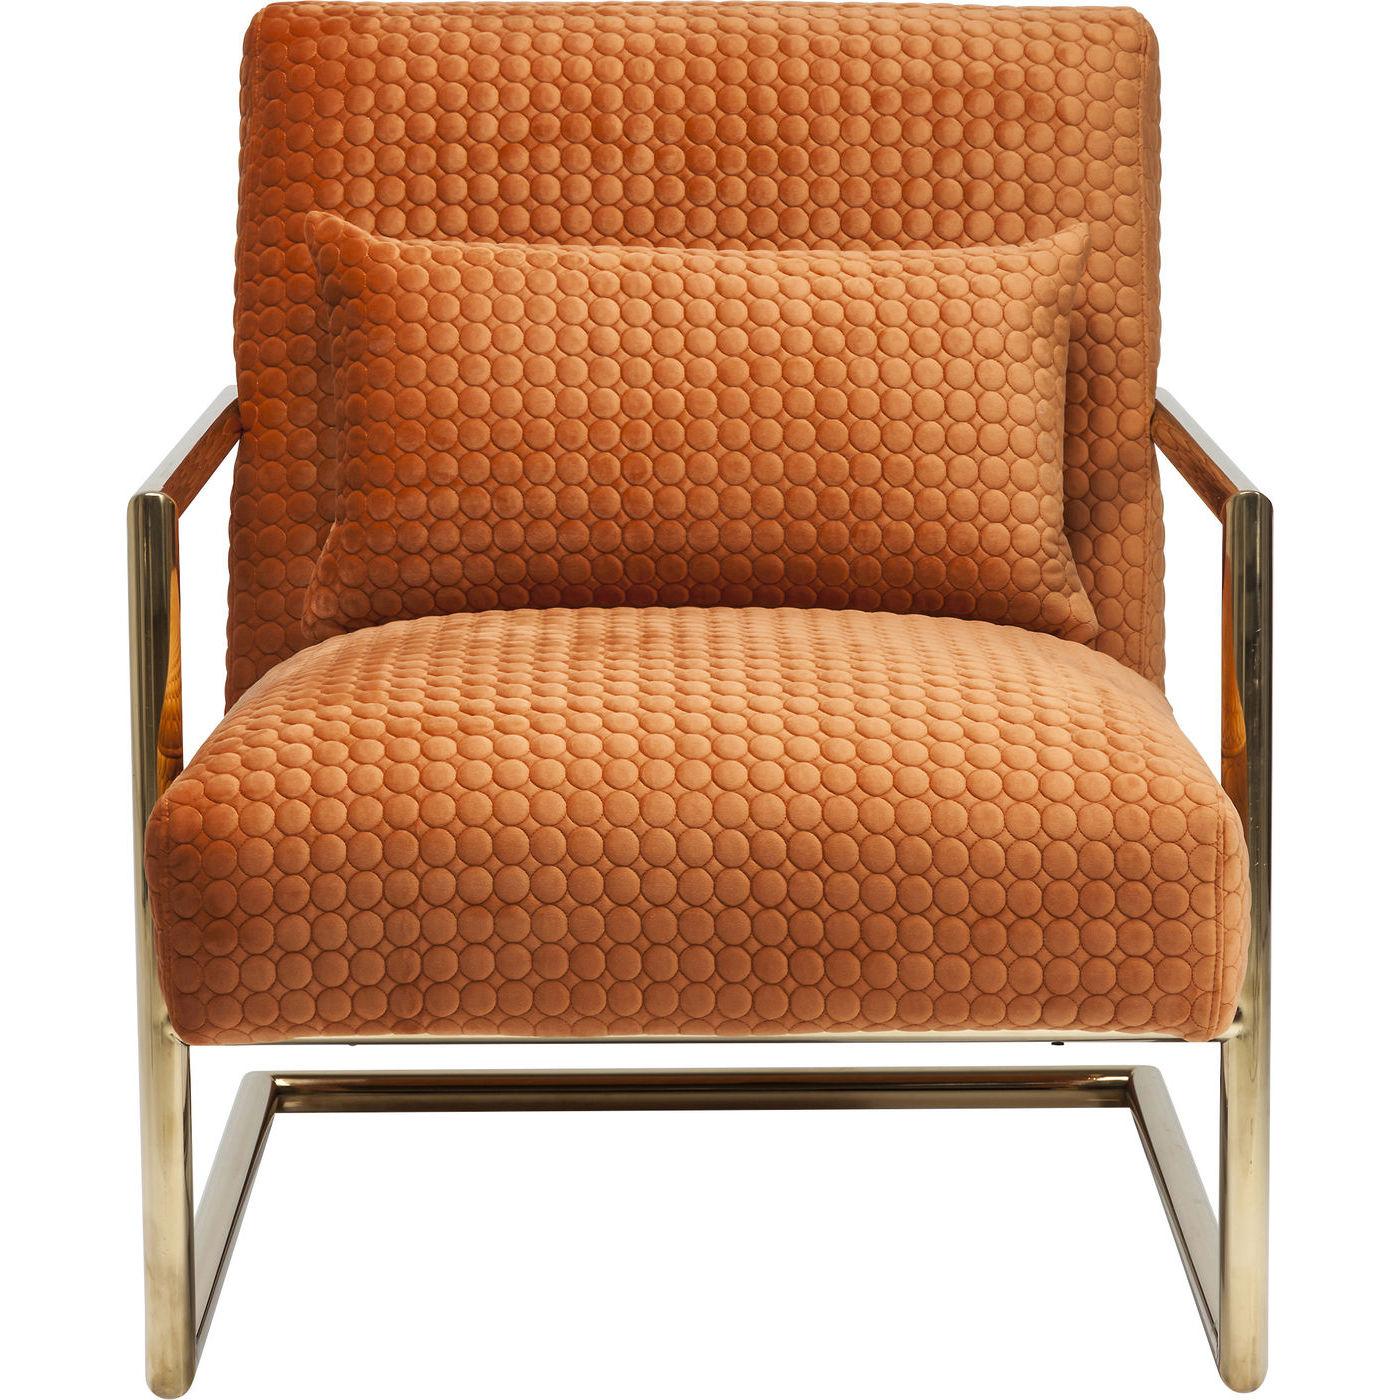 kare design Kare design living vegas hvilestol - orange stof og guld stål, m. armlæn og pude på boboonline.dk